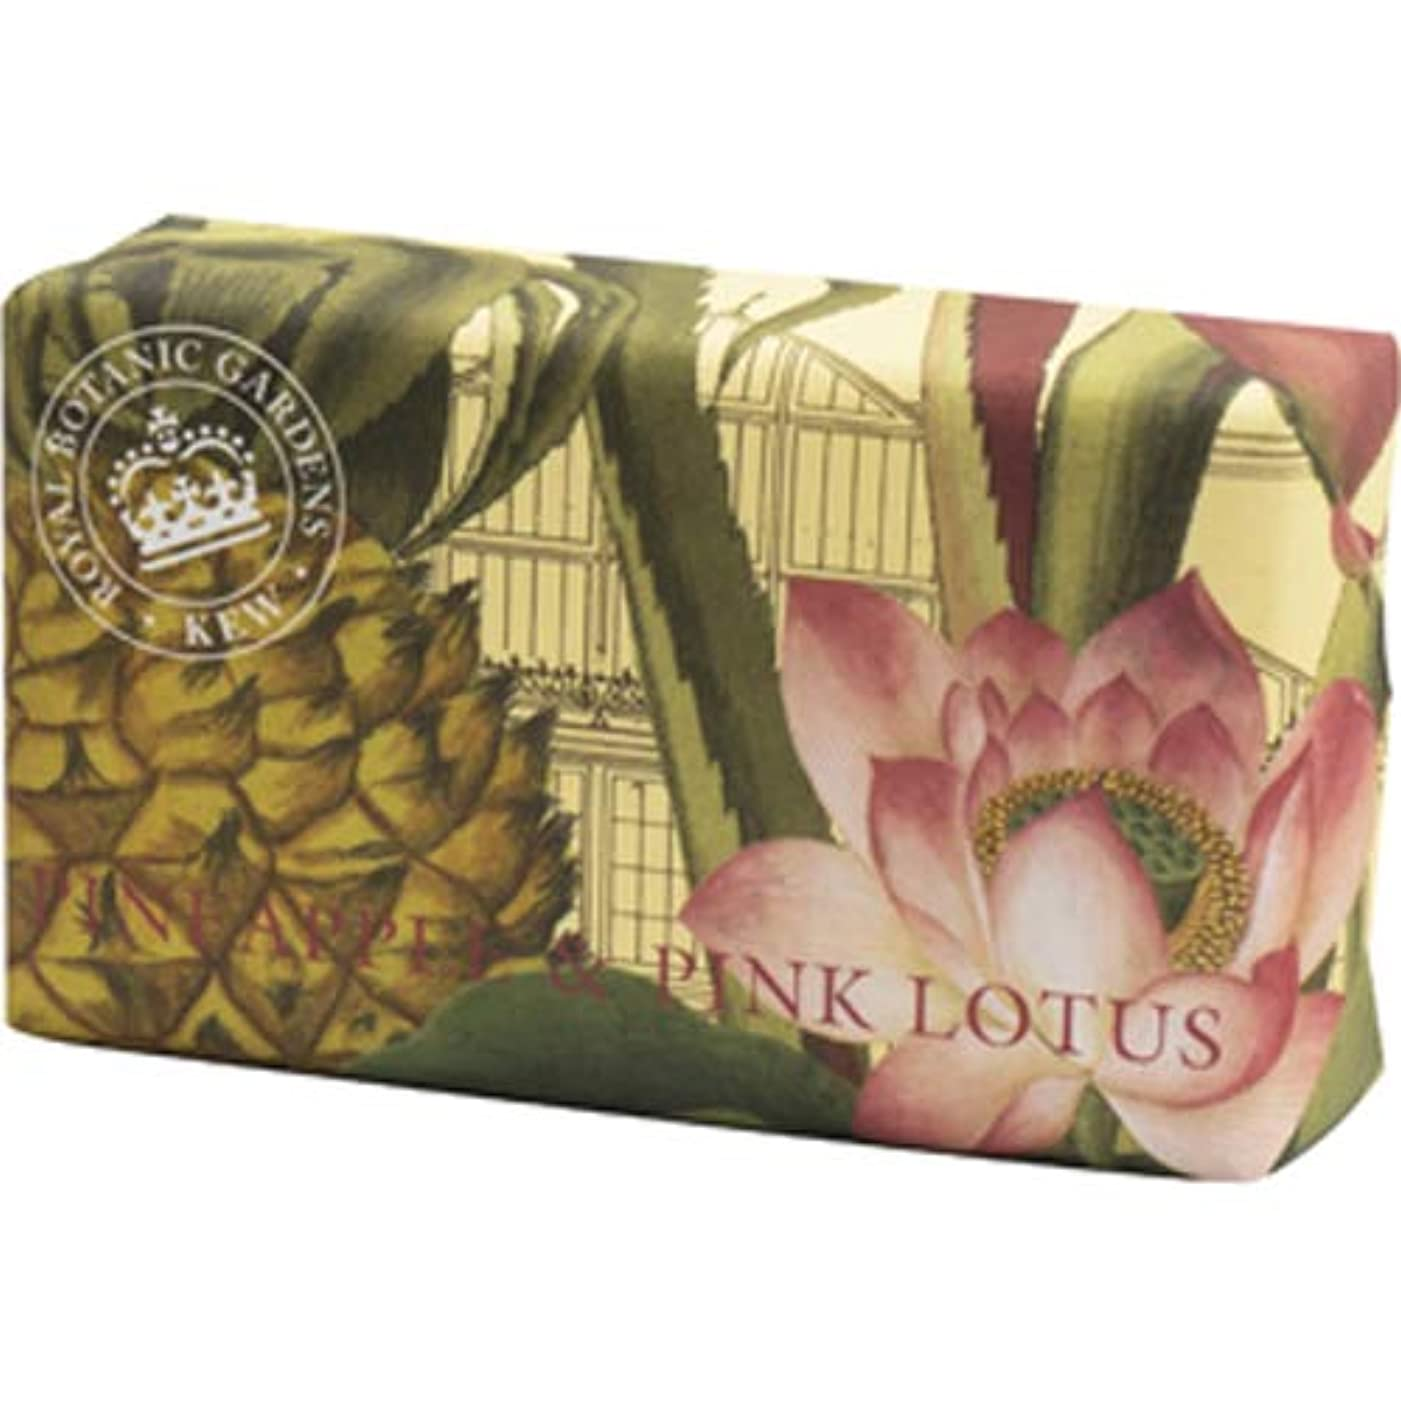 オールコンソール恐怖症English Soap Company イングリッシュソープカンパニー KEW GARDEN キュー?ガーデン Luxury Shea Soaps シアソープ Pineapple & Pink Lotus パイナップル...